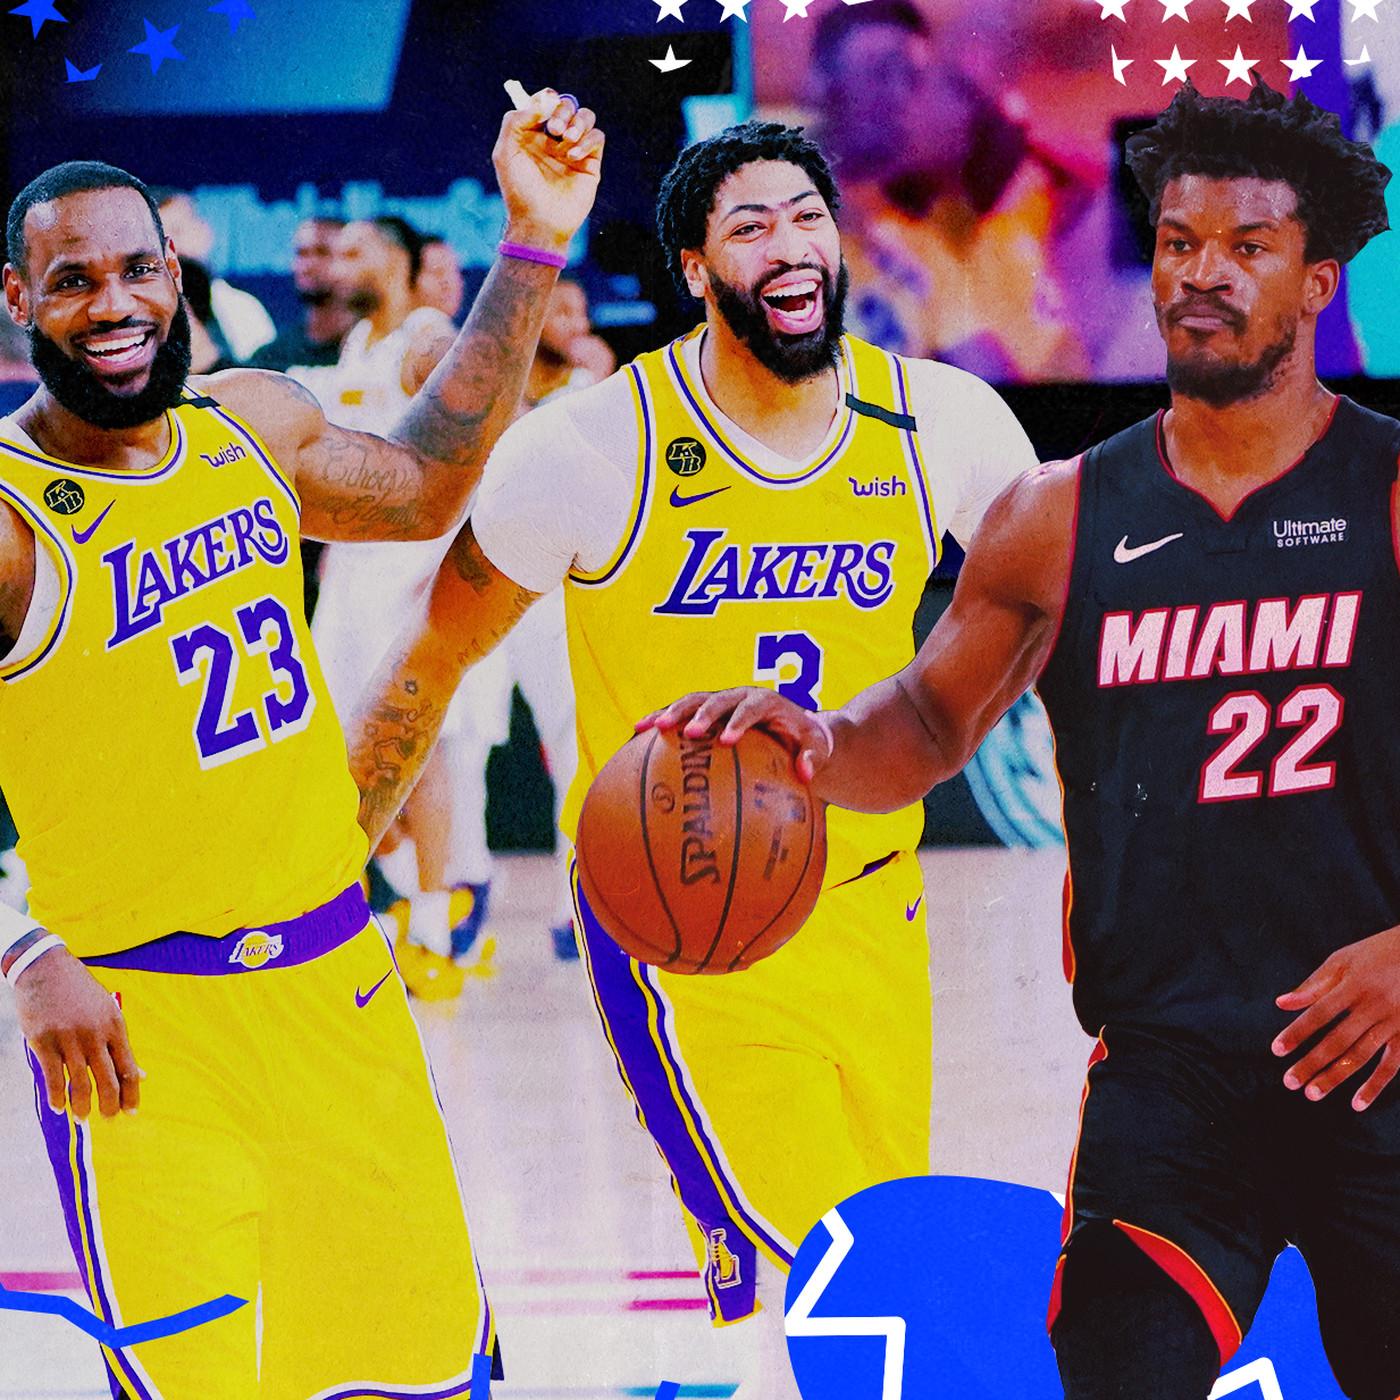 Lakers Vs Heat 2020 Nba Finals Mvp Predictions Sbnation Com